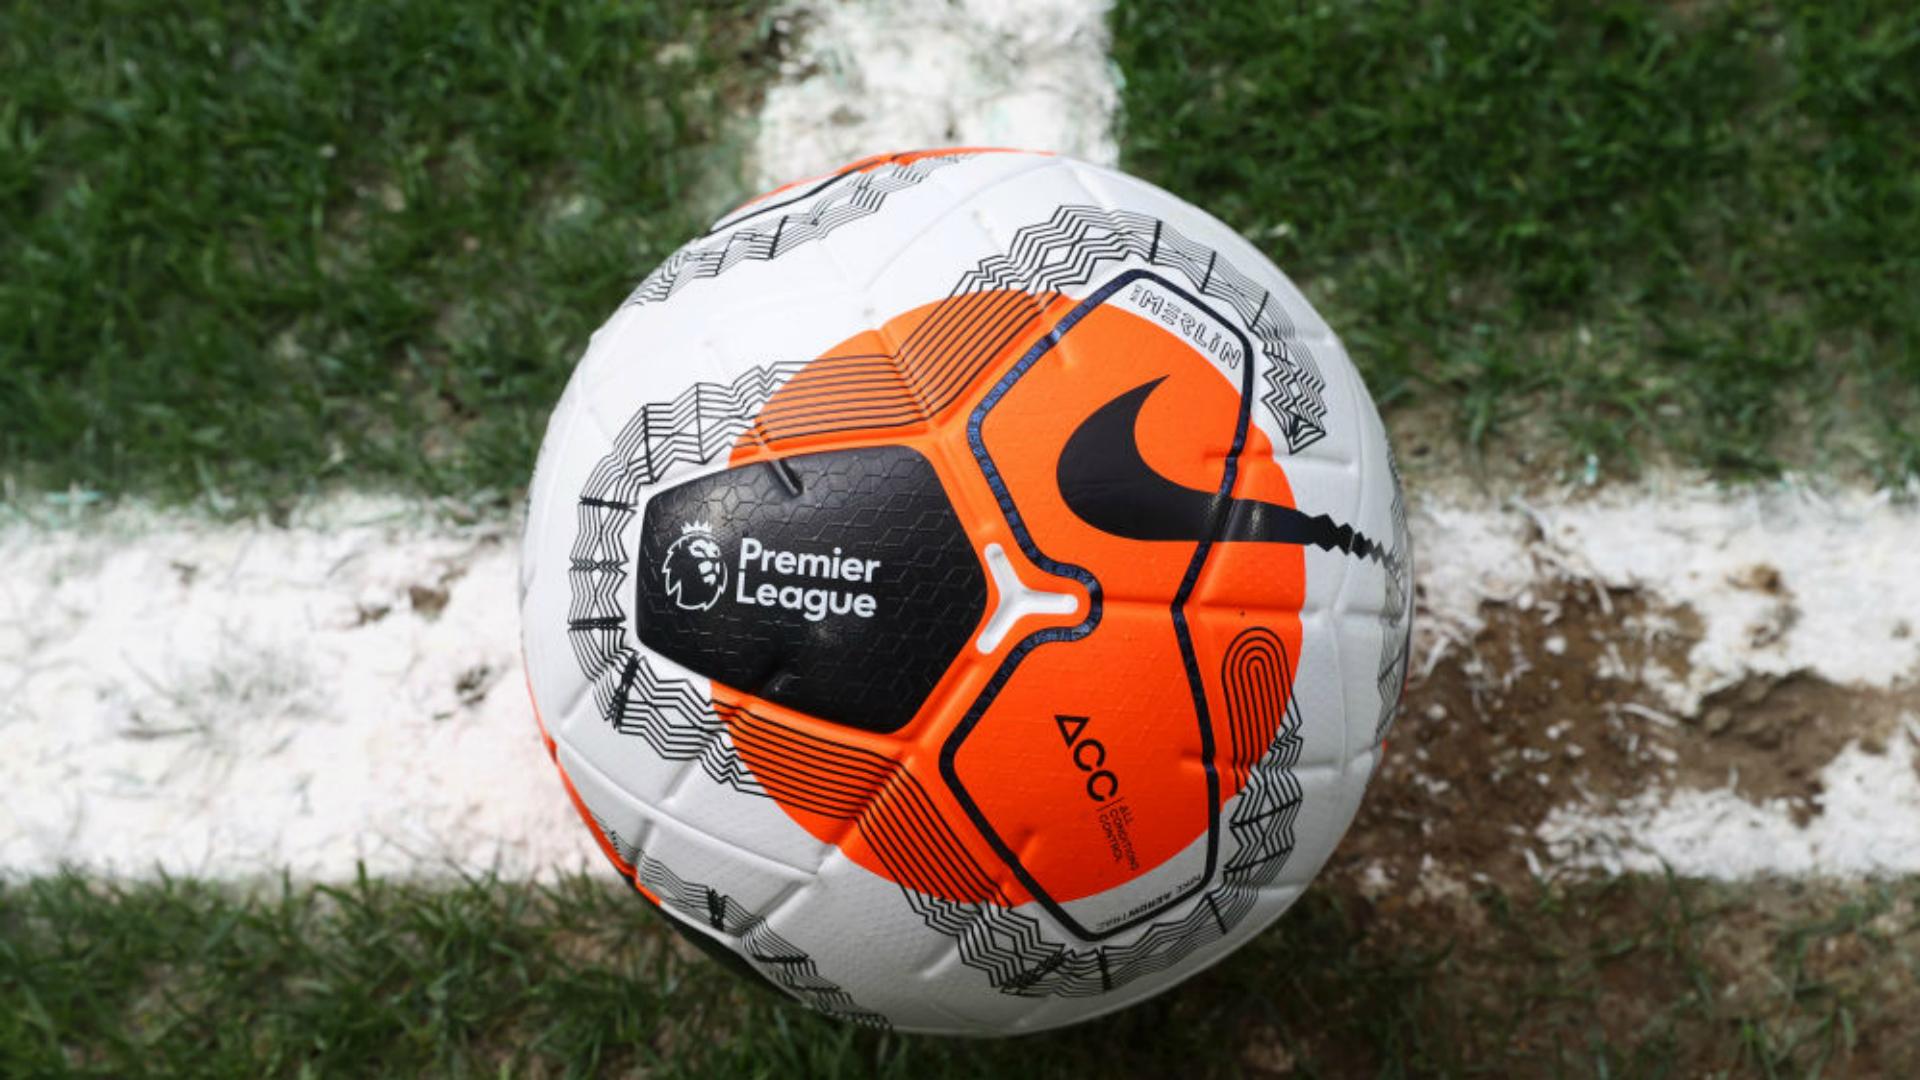 La Premier League confirme quatre tests positifs supplémentaires — Coronavirus